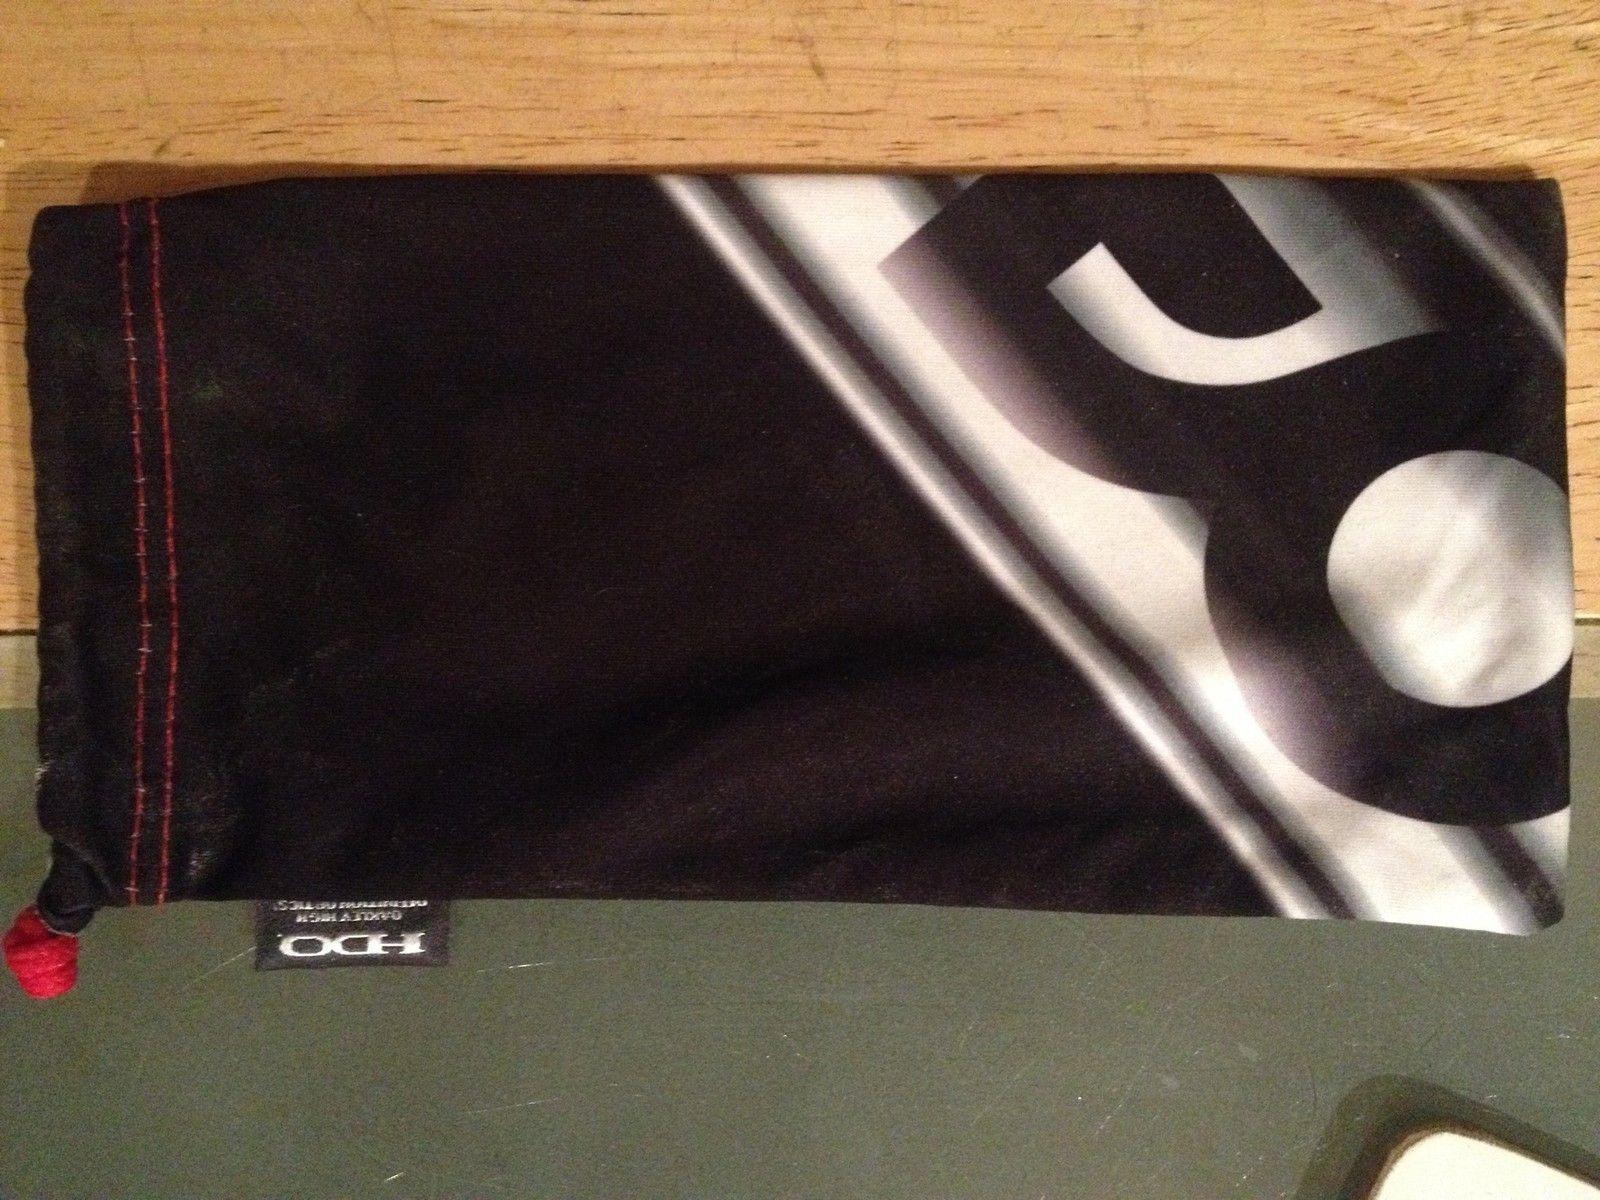 BMX Jawbone Microfiber Bag - mQNIIn.jpg